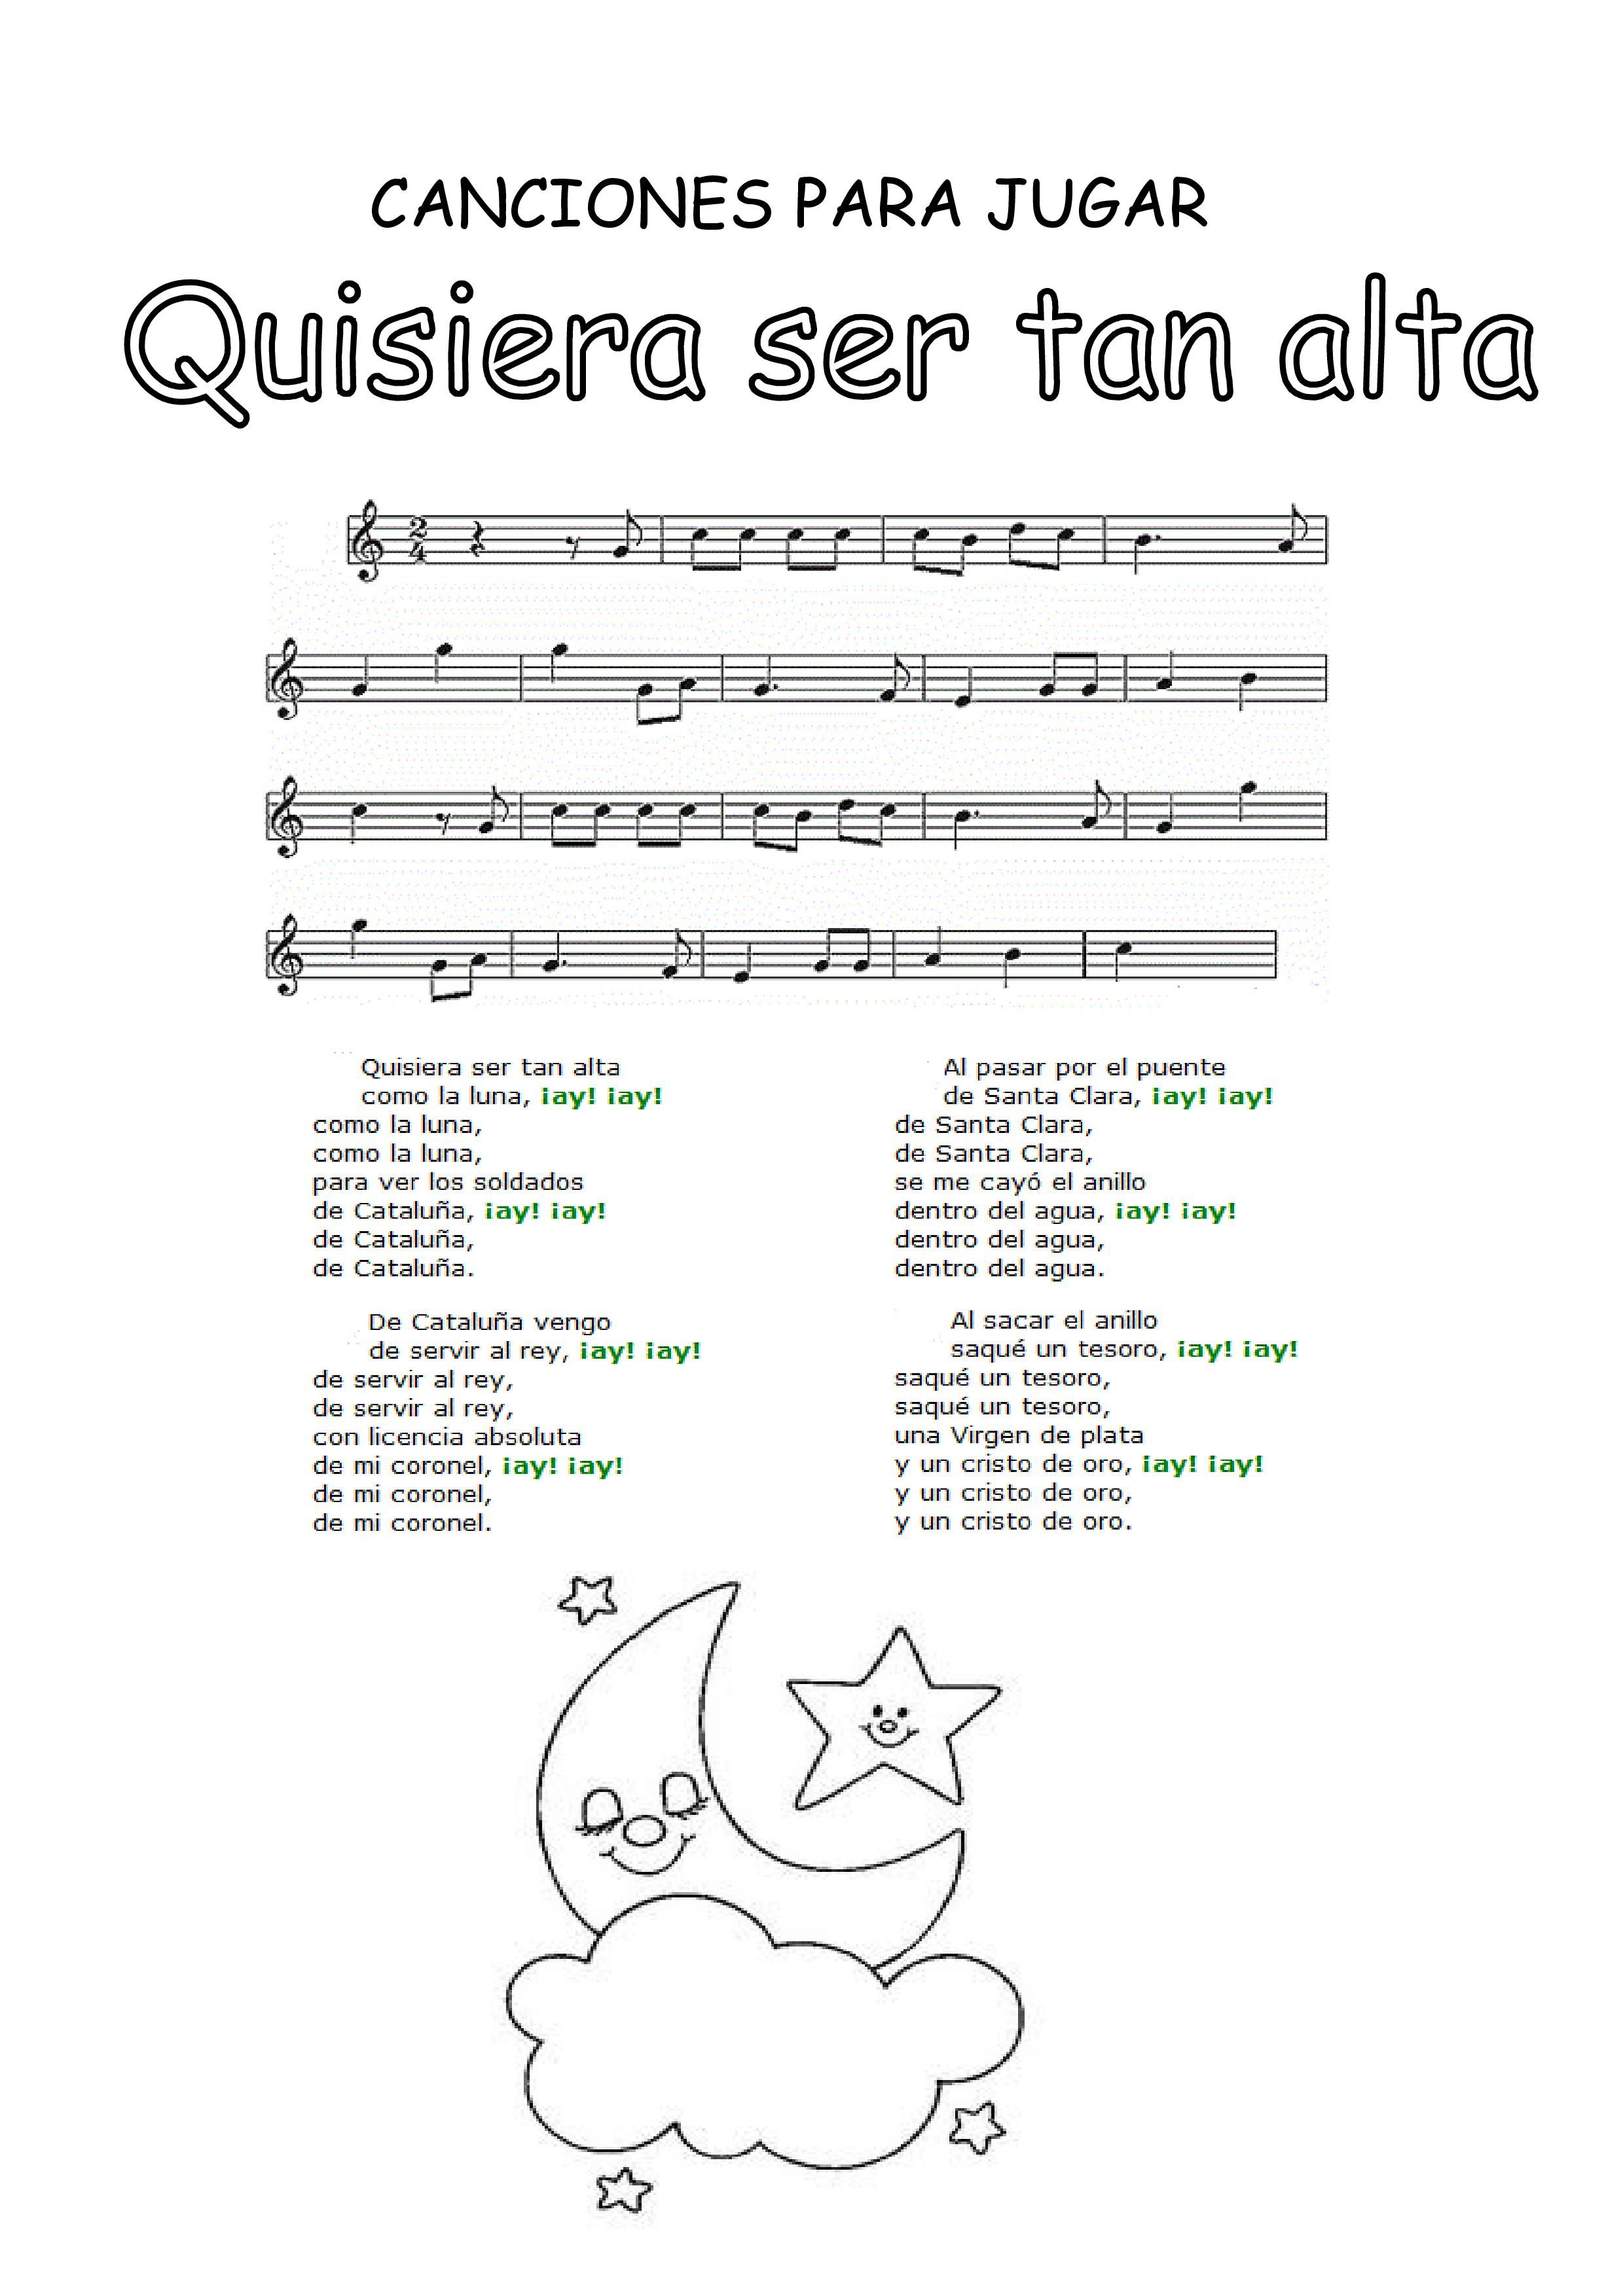 Pin De Milagros Montes Machuca En Canciones Para Jugar Letras De Canciones Infantiles Canciones Canciones Infantiles